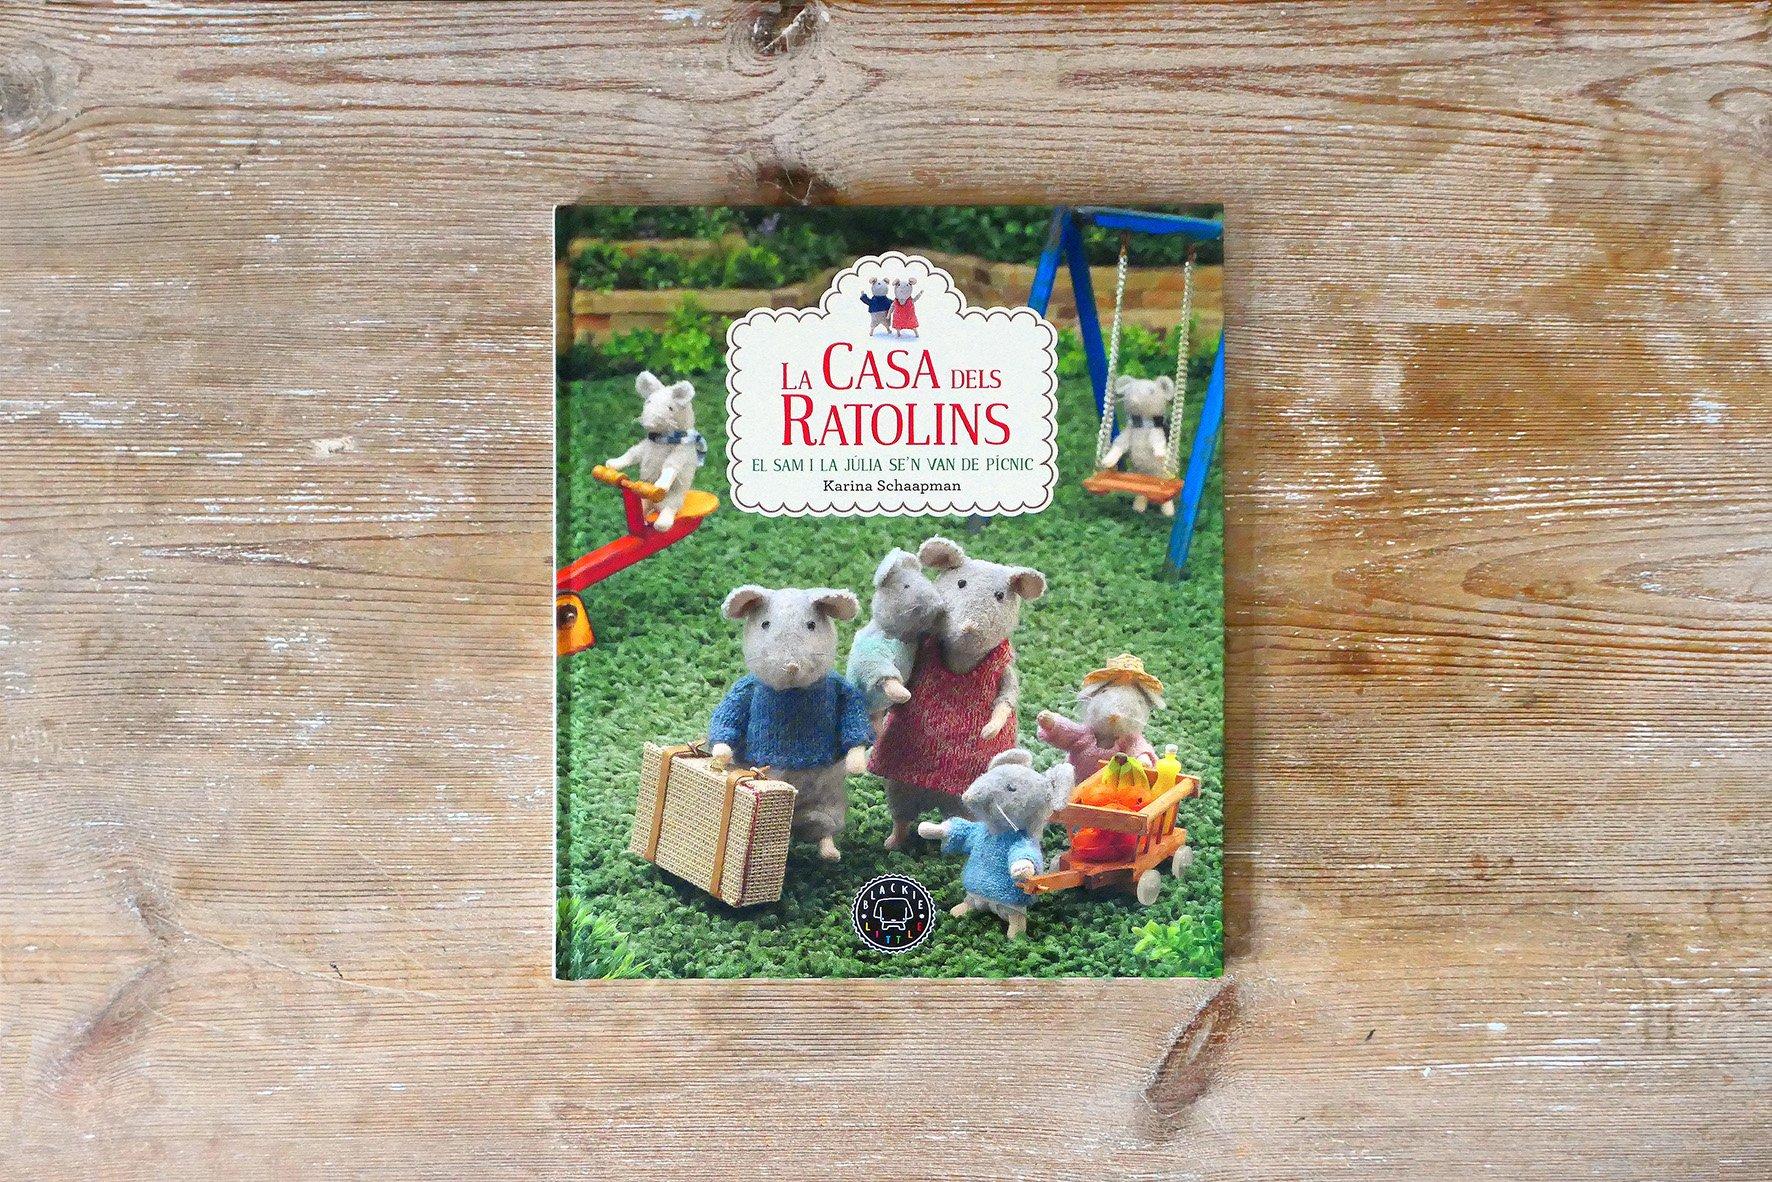 La casa dels ratolins el sam i la j lia se n van de picnic blackie books - La casa dels ratolins ...